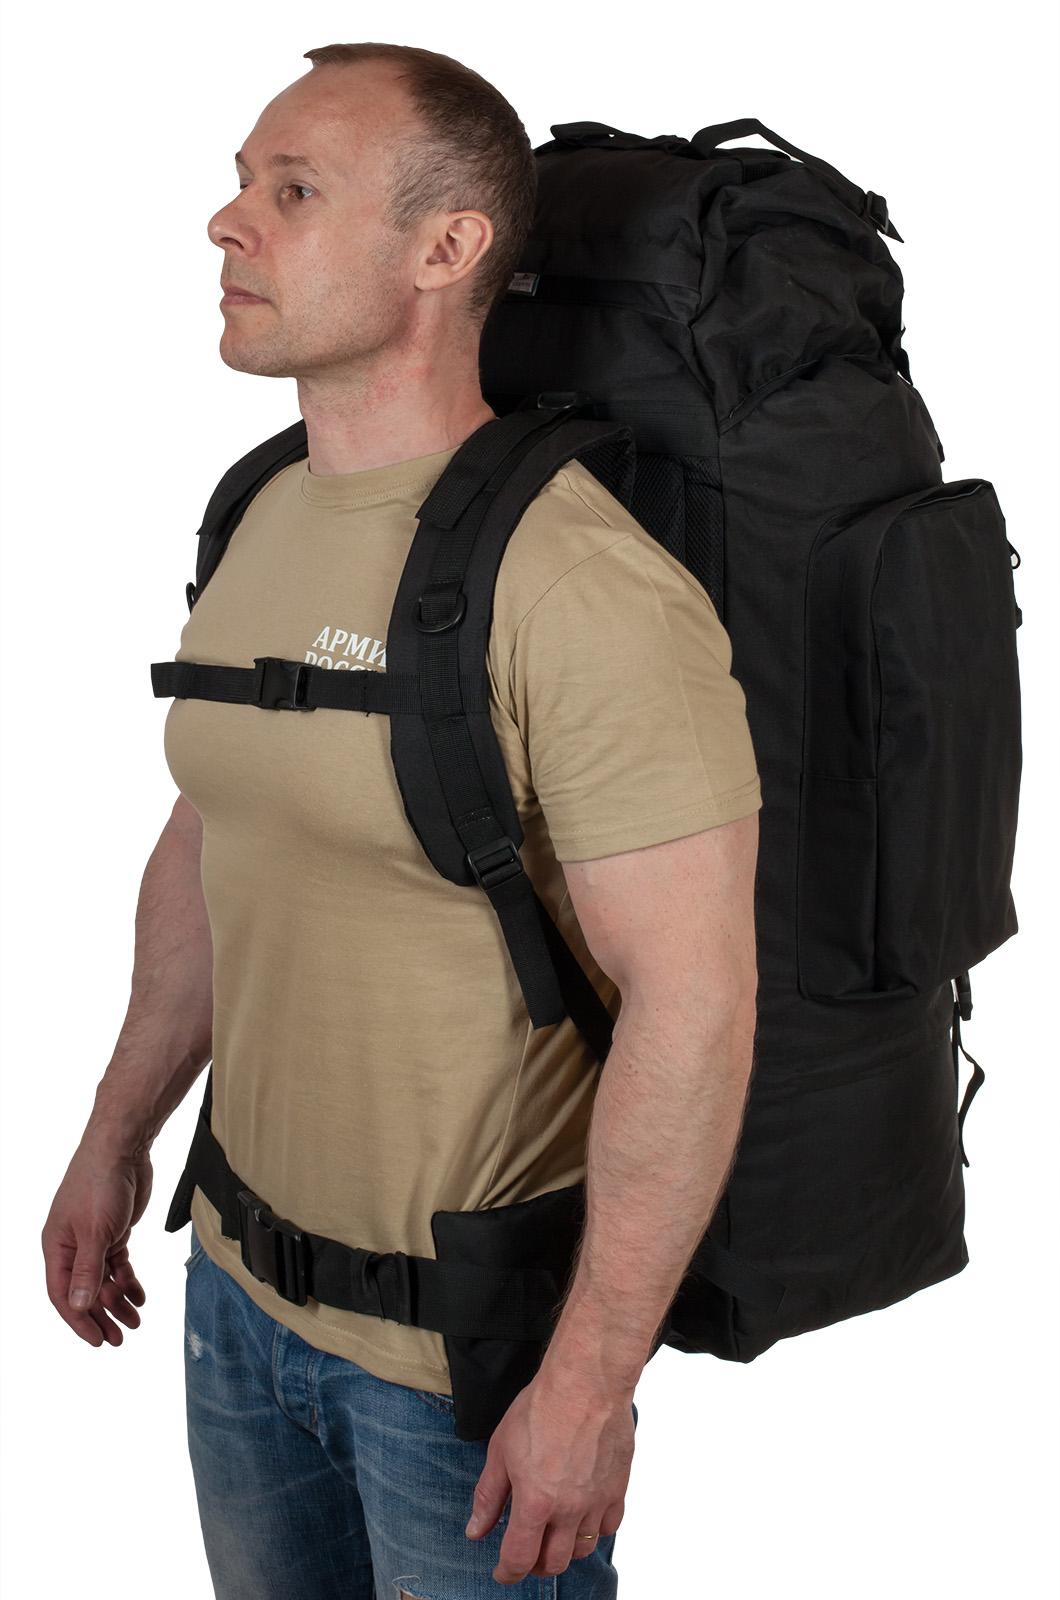 Многодневный тактический рюкзак ДПС ГИГАНТ Max Fuchs - заказать выгодно